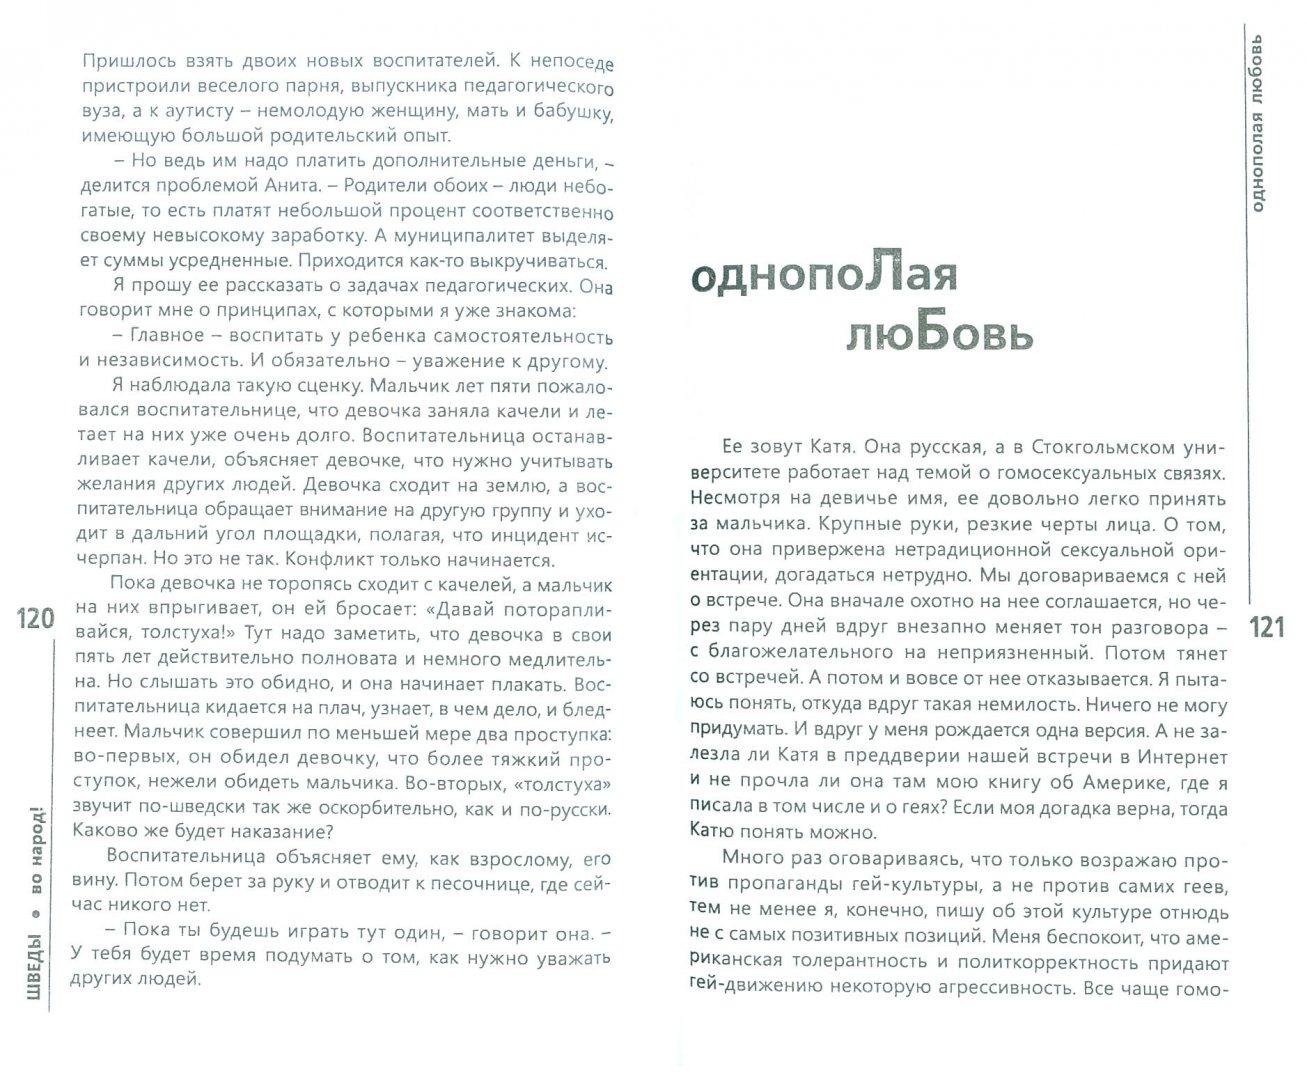 Иллюстрация 1 из 10 для Золотая середина: как живут современные шведы - Ада Баскина | Лабиринт - книги. Источник: Лабиринт